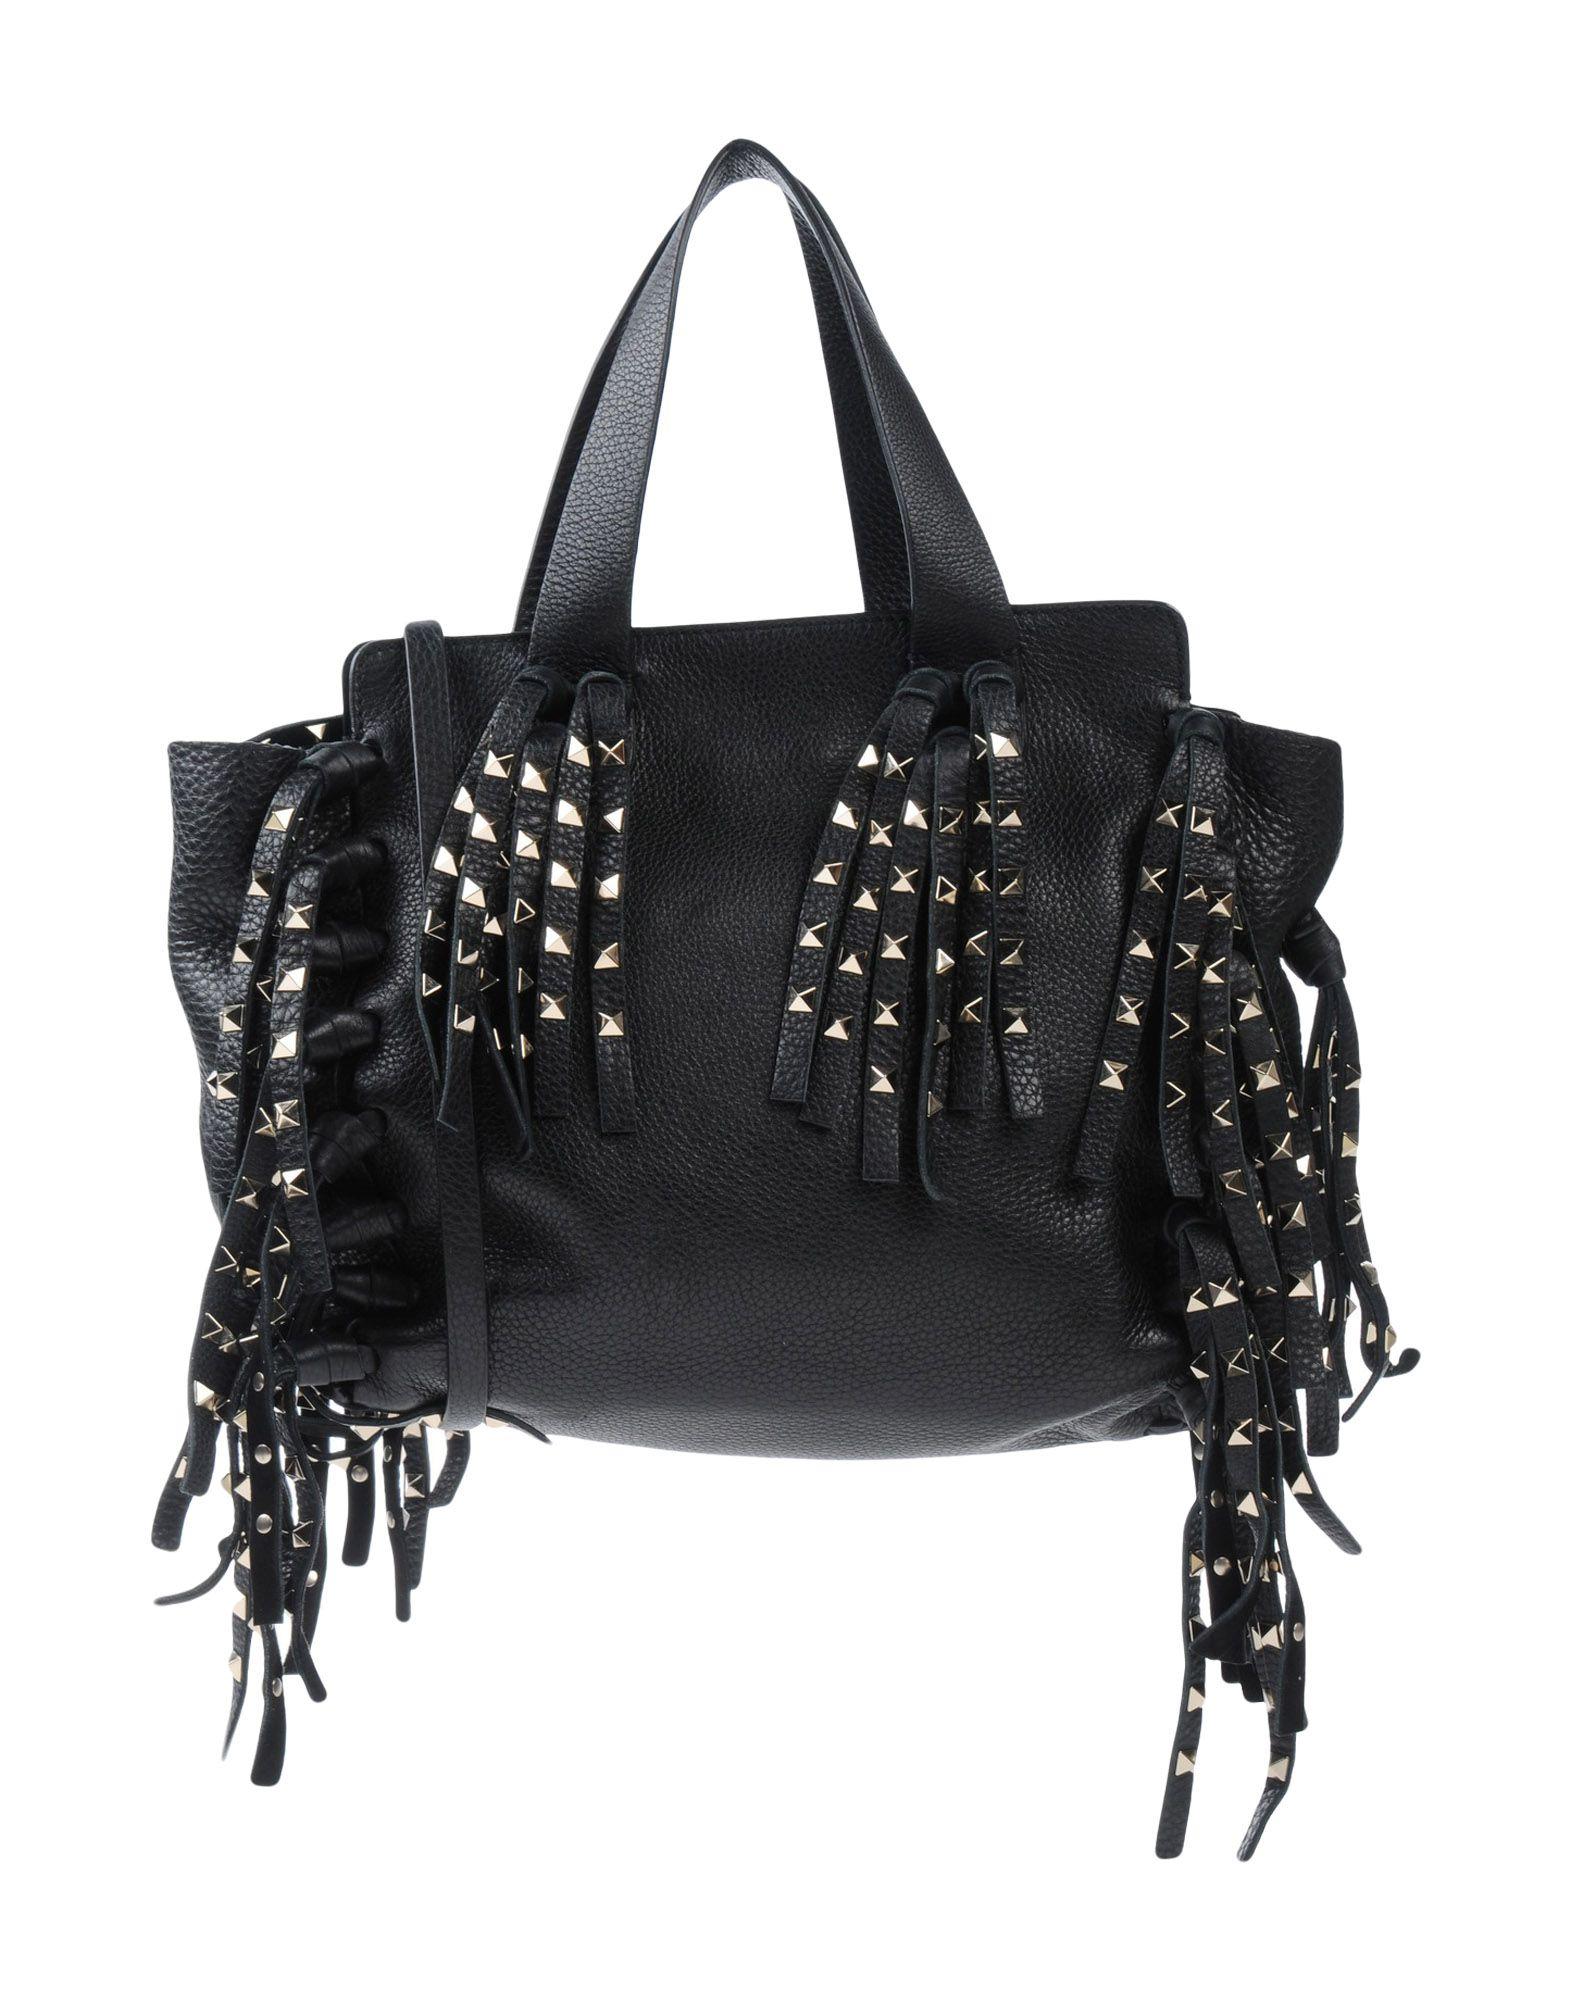 VALENTINO GARAVANI Damen Handtaschen Farbe Schwarz Größe 1